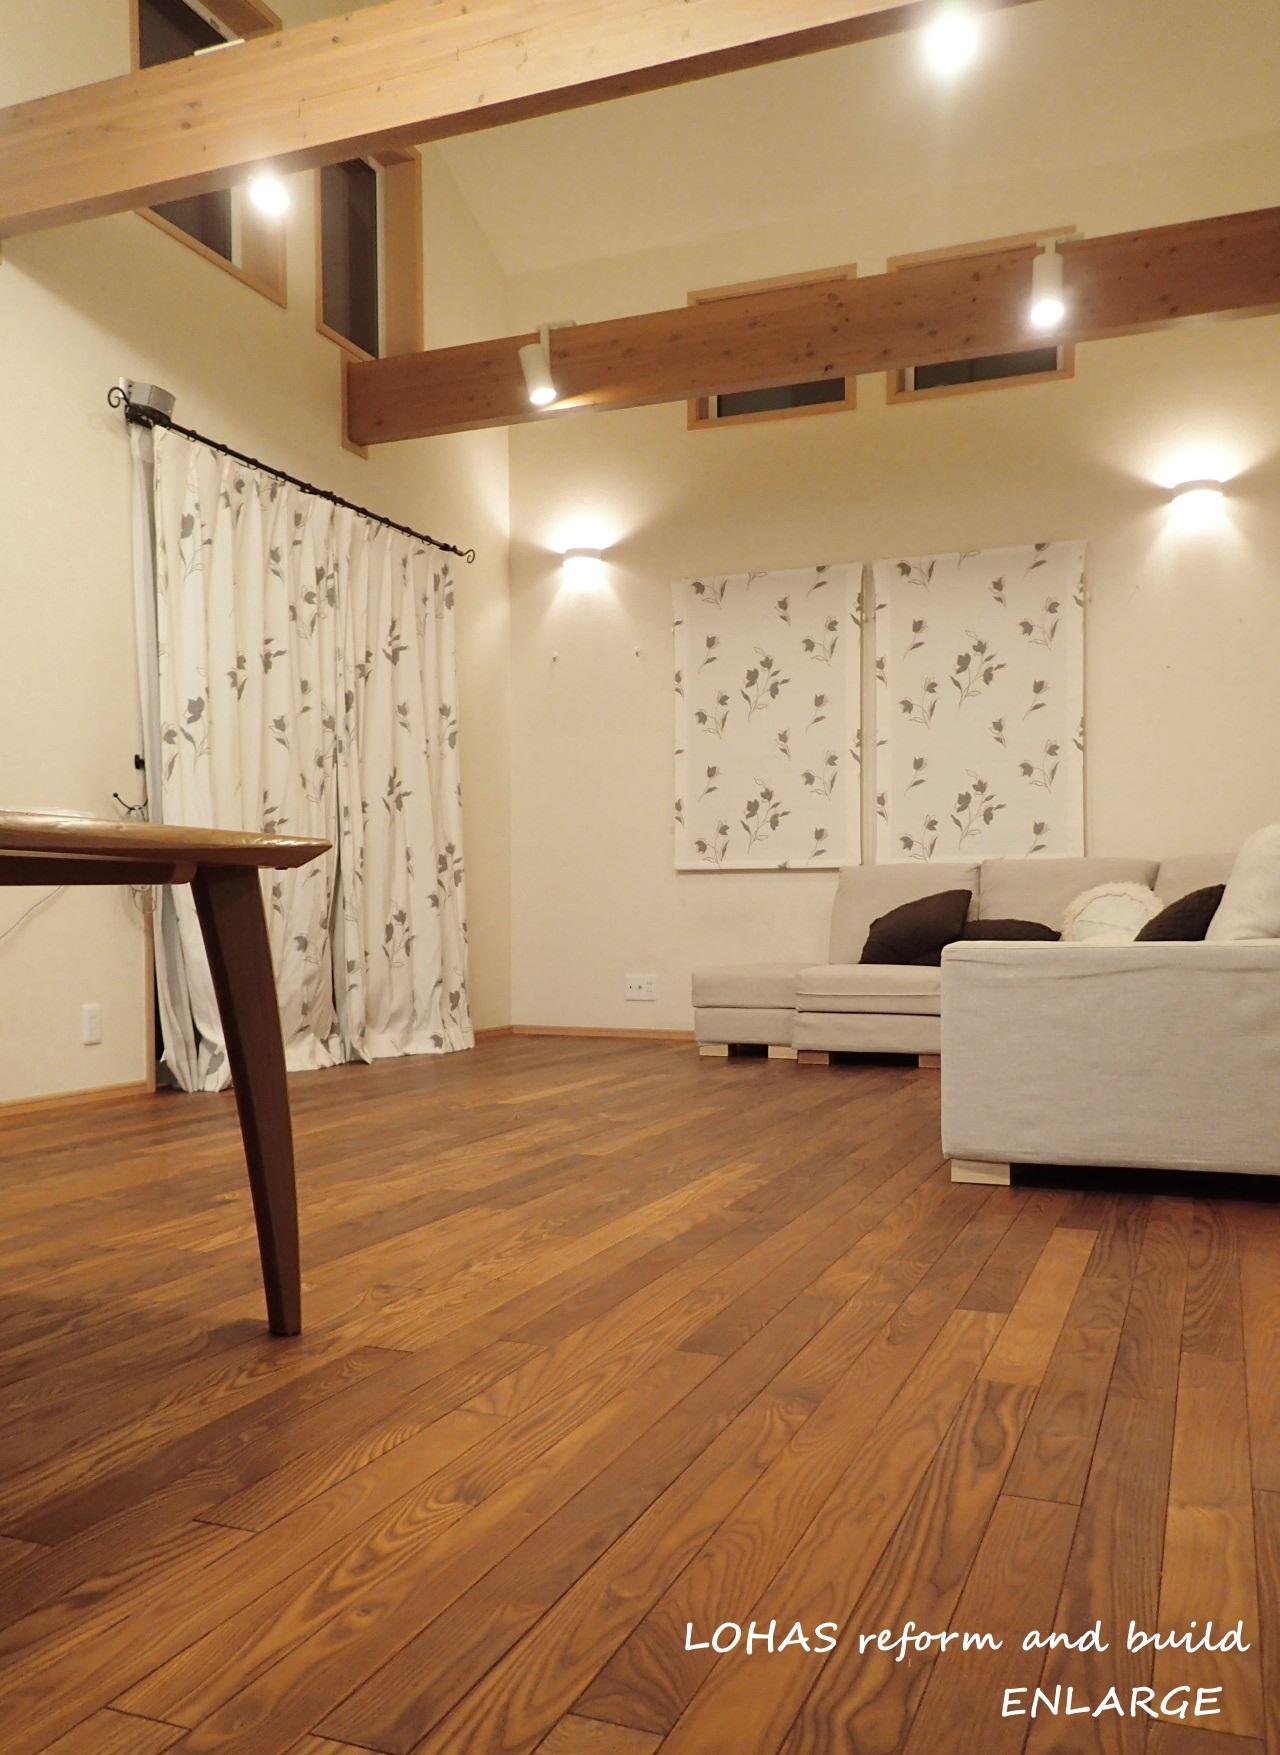 こだわりの無垢床と床暖房で、心安らぐ温かい住まいへ ♪あったかいんだからぁ♪